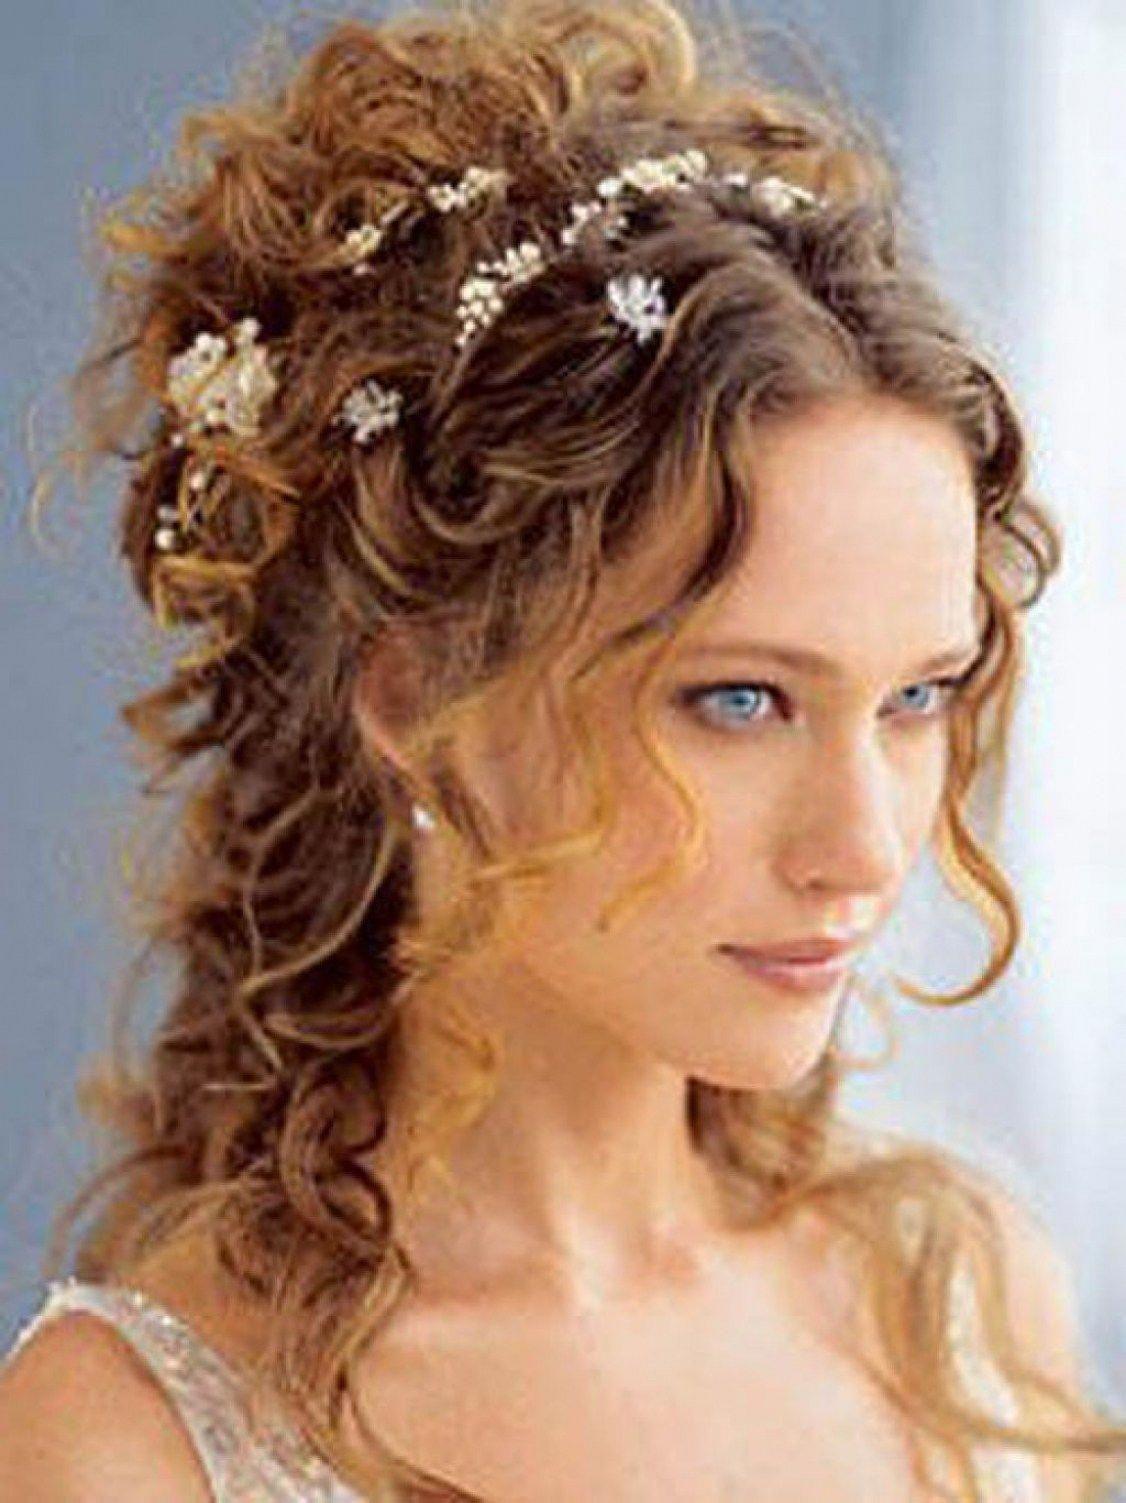 Hairstyles For Long Curly Hair Half Up Ideas With Wedding Hairstyles Curly Hair Half Up Peinado Estilo Griego Peinados Con Rulos Peinados Cabello Rizado